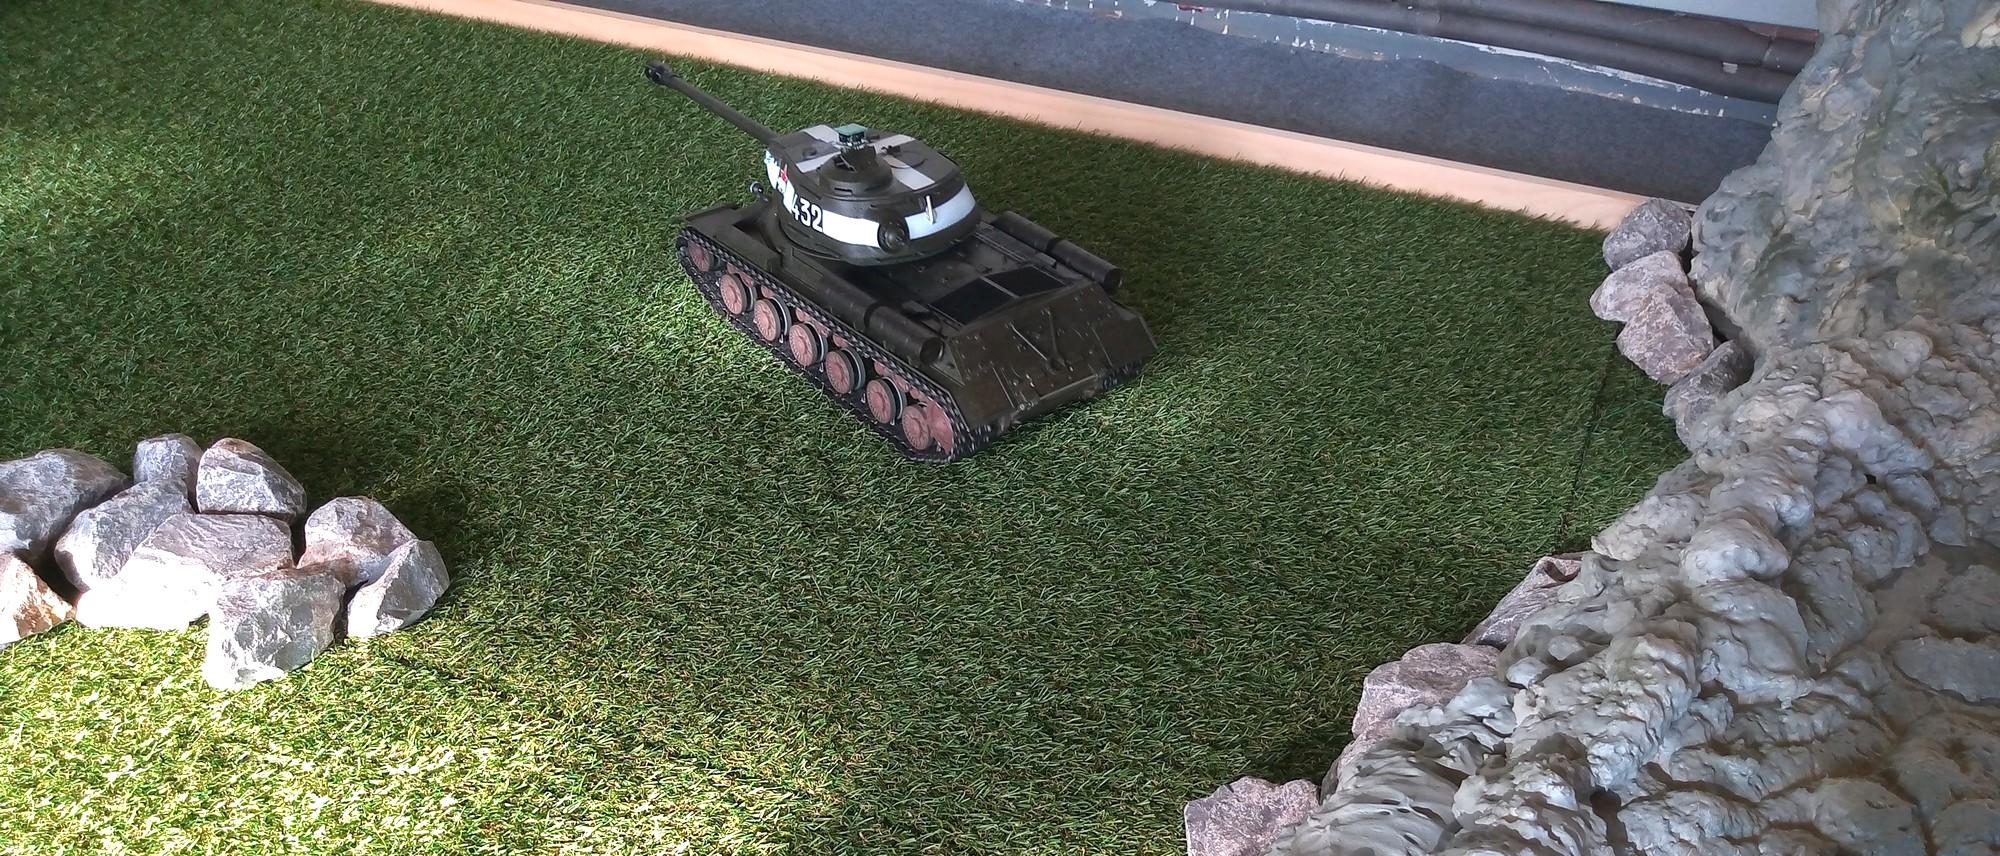 tanky-simulovane-bojisko